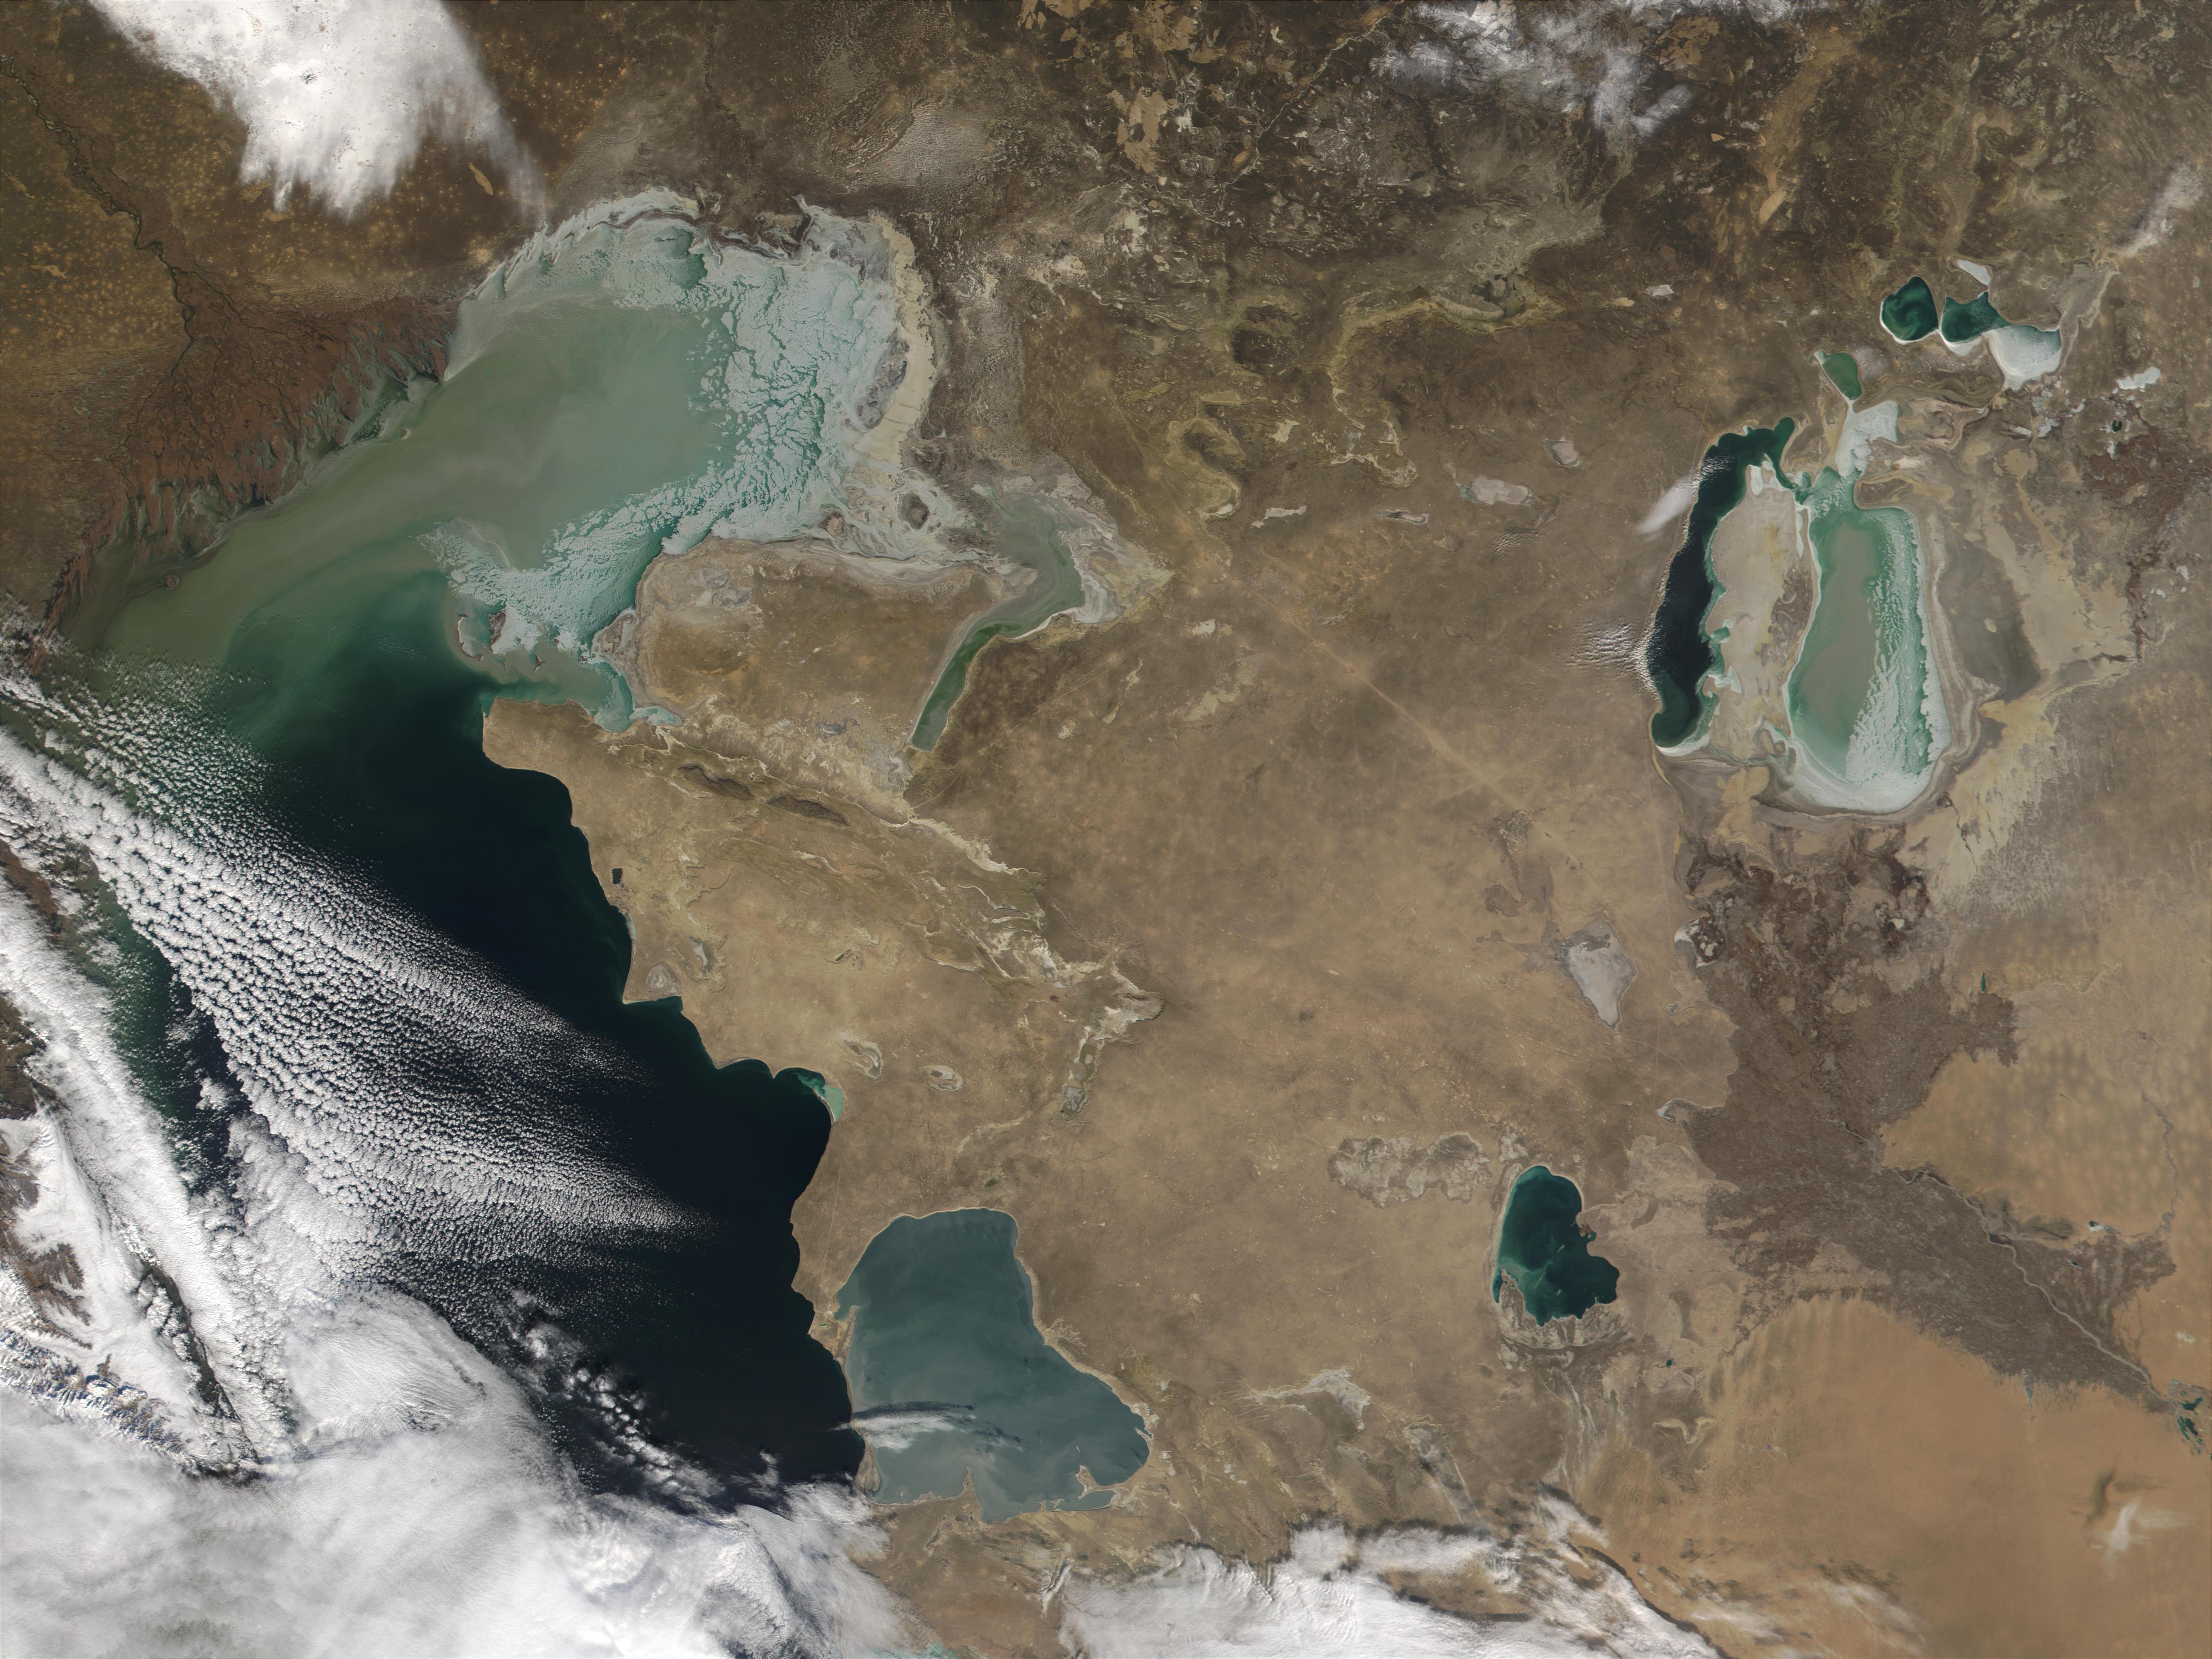 Hielo en el Mar Caspio y Mar de Aral